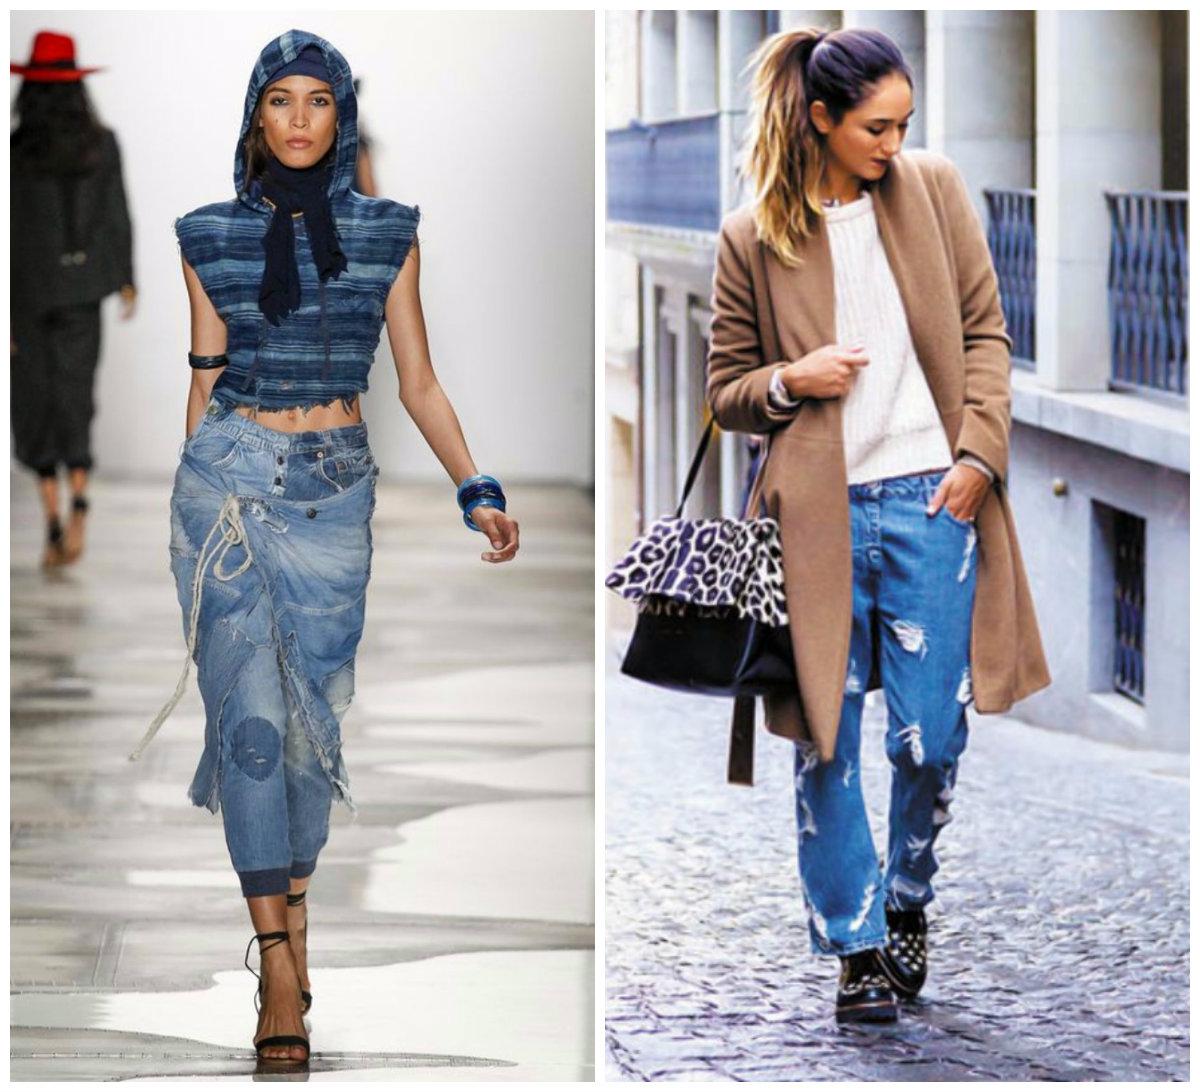 Модные-джинсы-2018-женские-Крой-фото-Длина-Крой-Декор-Цвет-Модные джинсы 2018